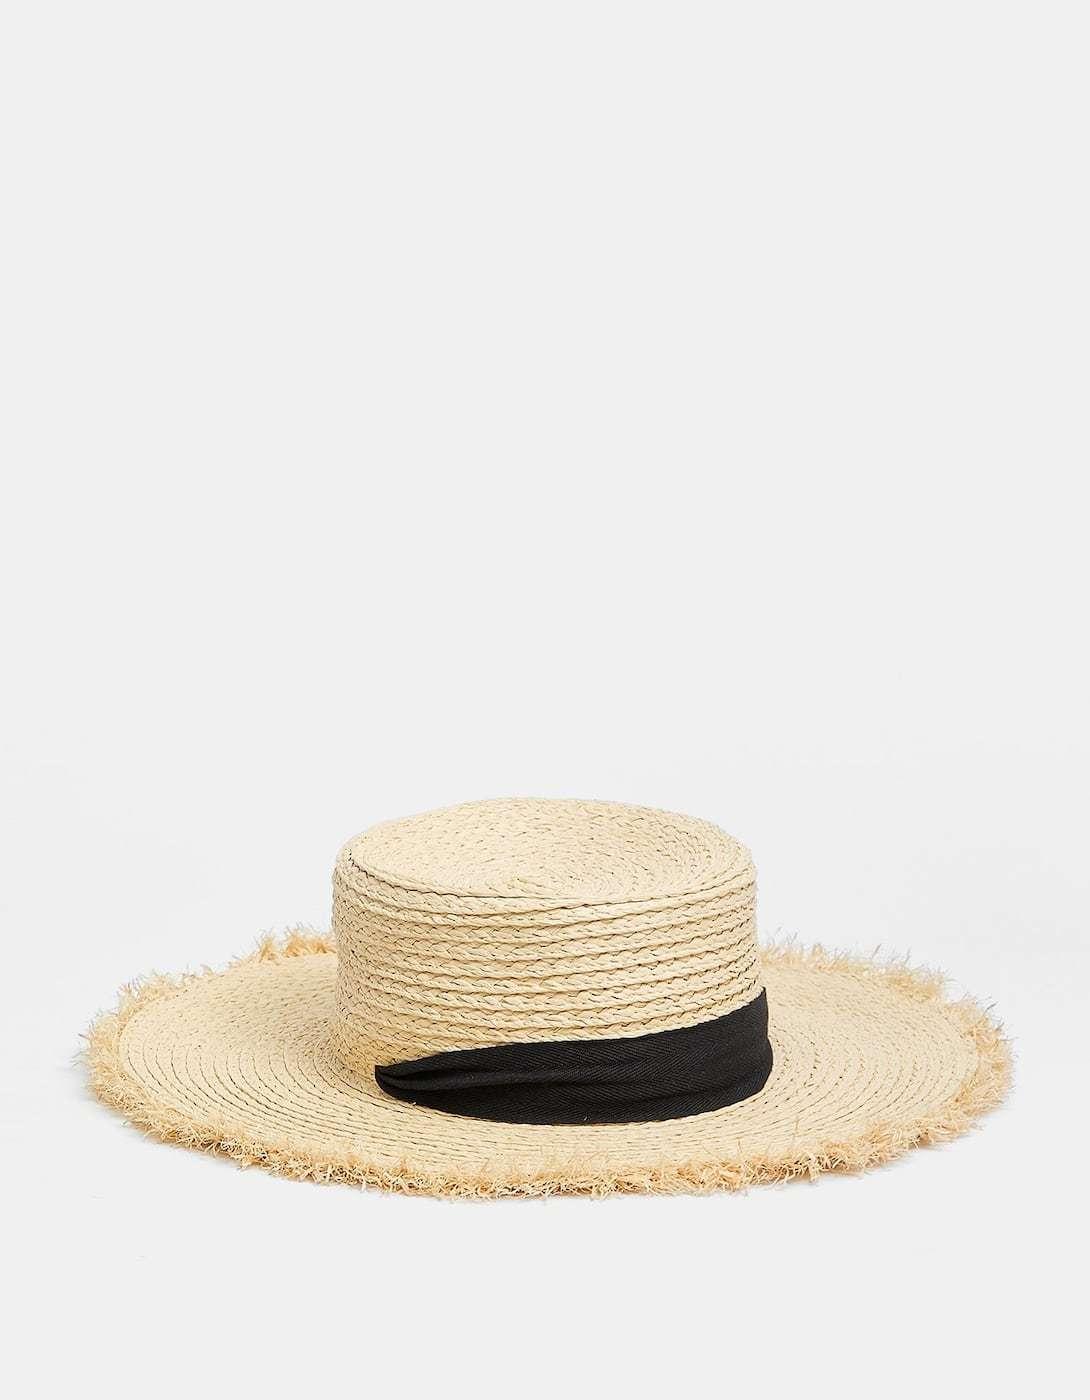 Sombrero de rafia con lazo negro de Stradivarius (12,99¤)